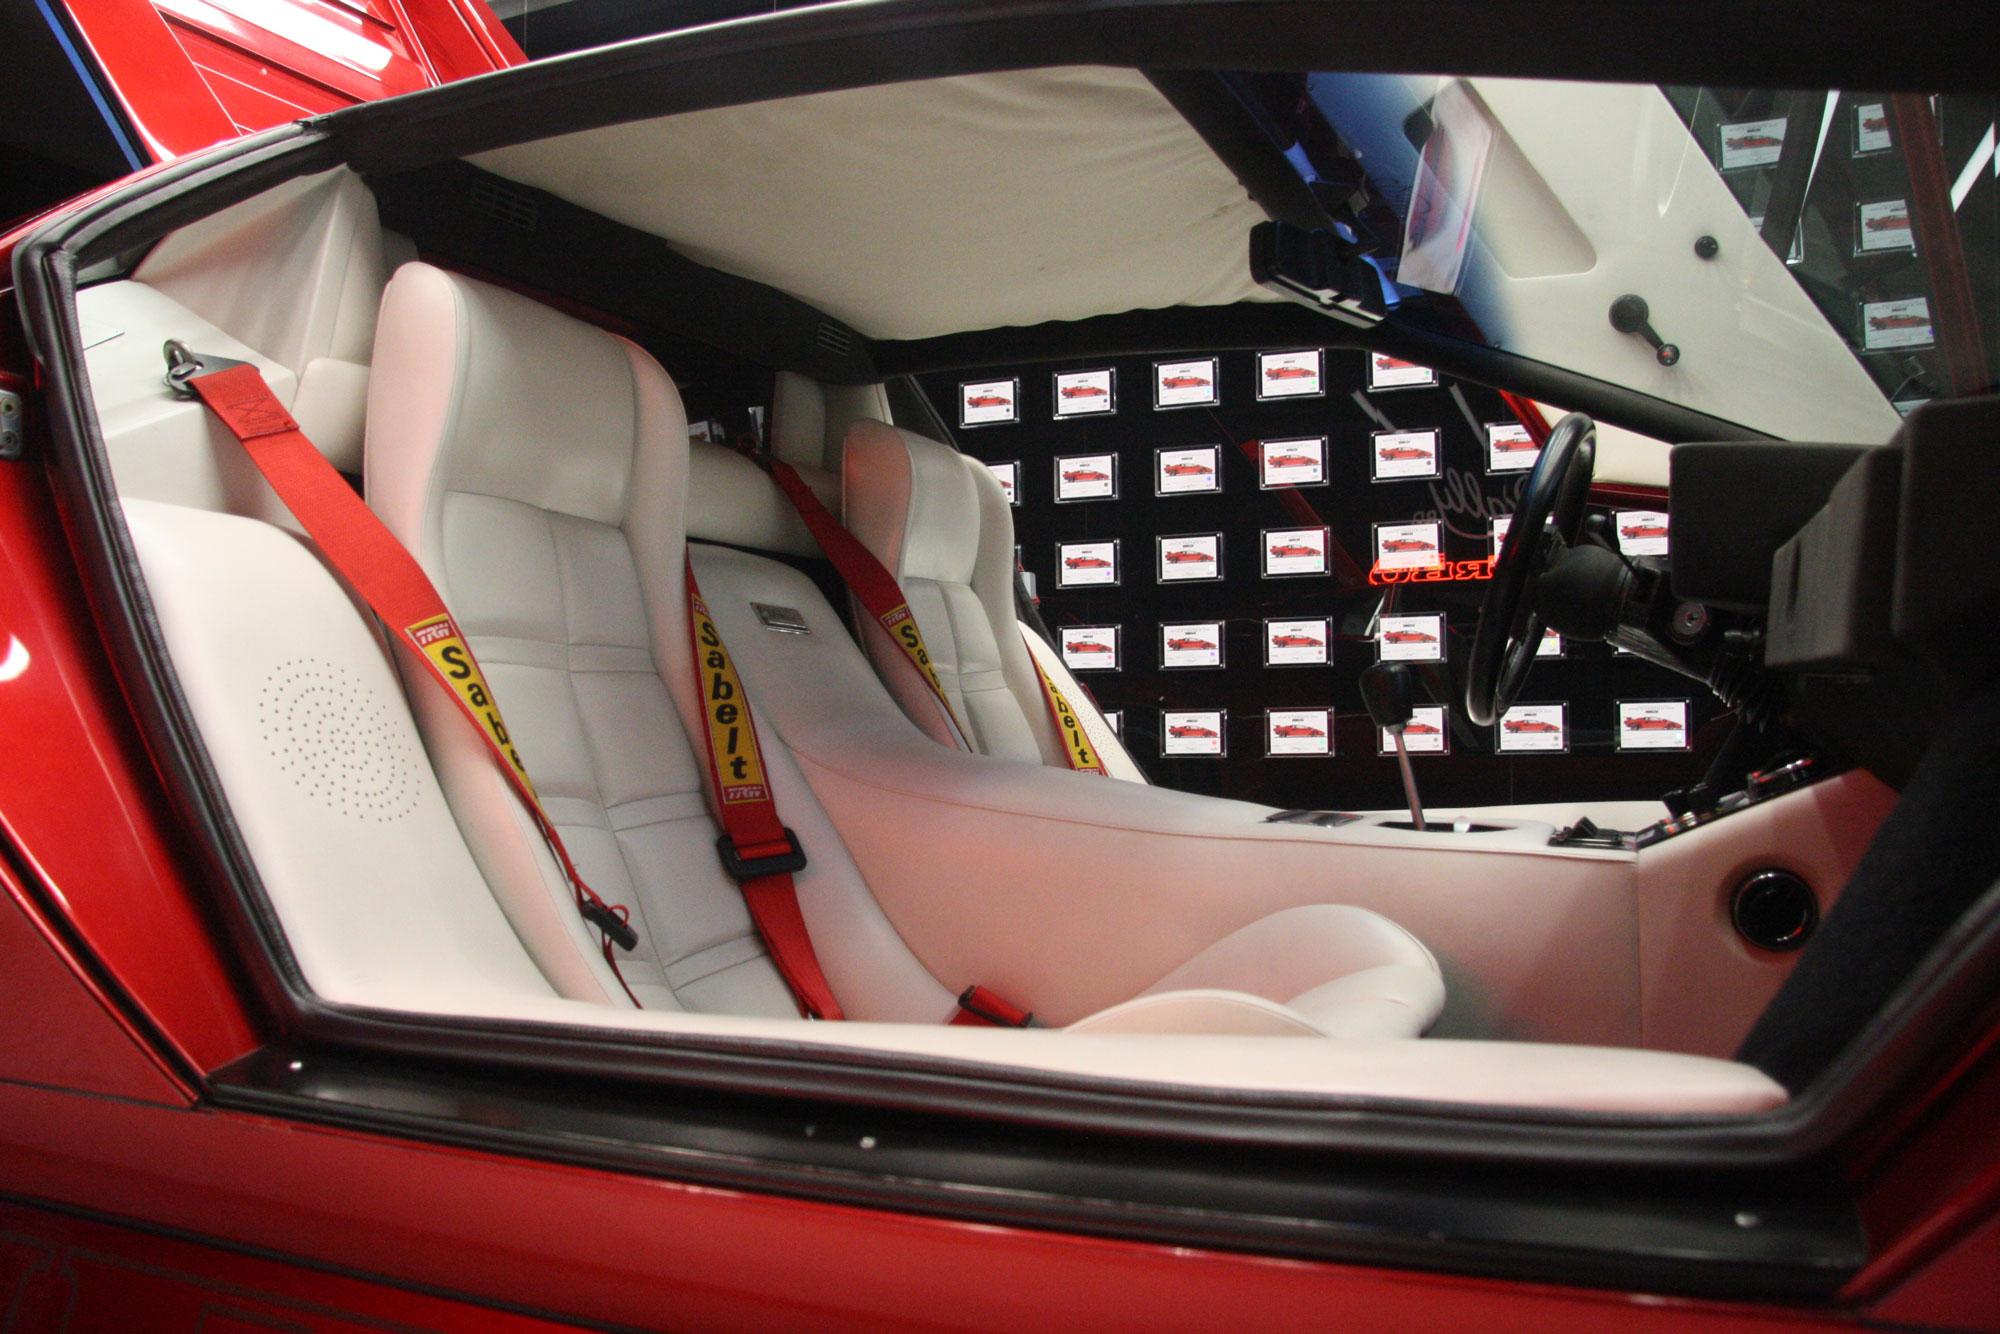 1980 Lamborghini Countach LP400 S Turbo interior